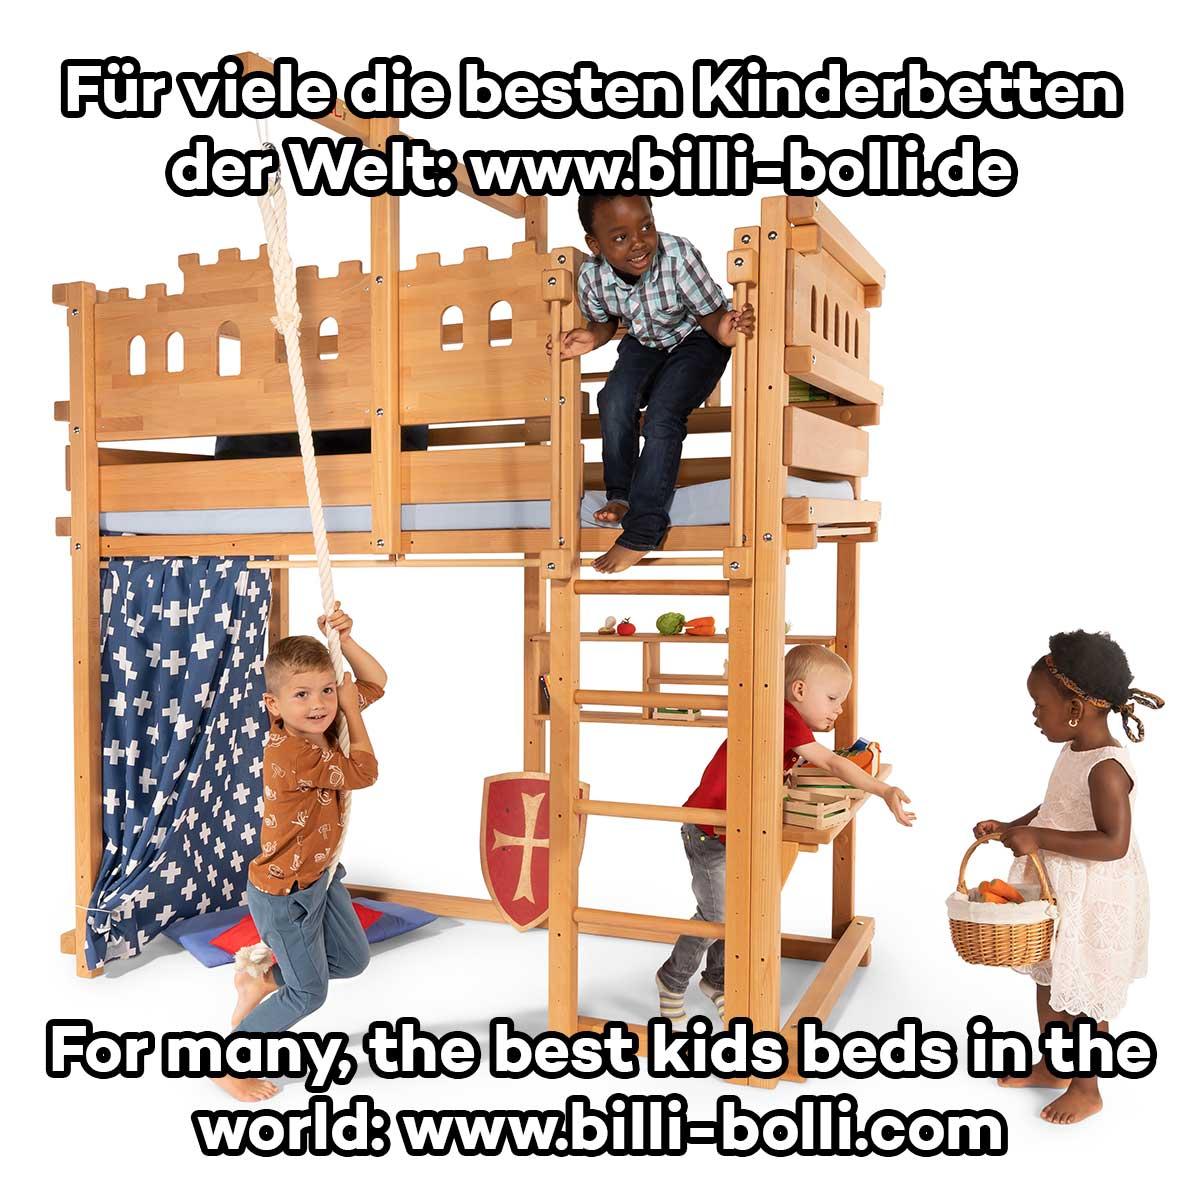 ... -Vorhang-Set-Hhle-Spielhhle-Zubehr-Hochbett-Bett-Kinderbett-orange-0